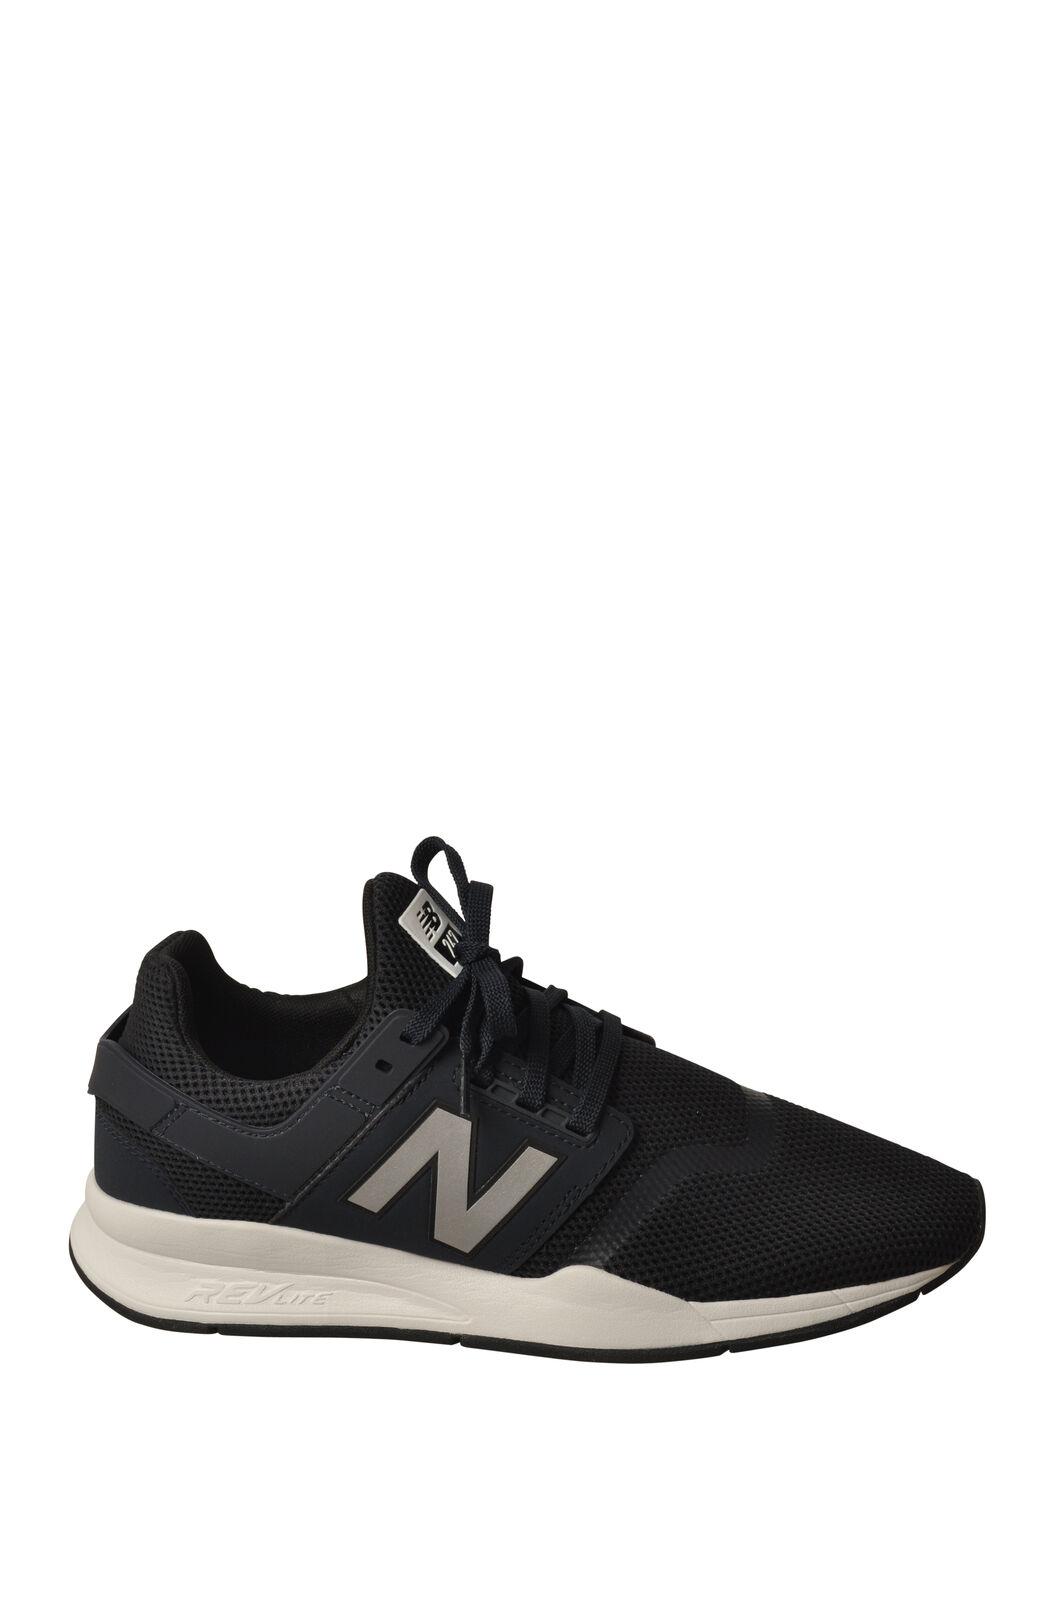 New Balance-Chaussures-à lacets-homme-bleu - 6217307E192508